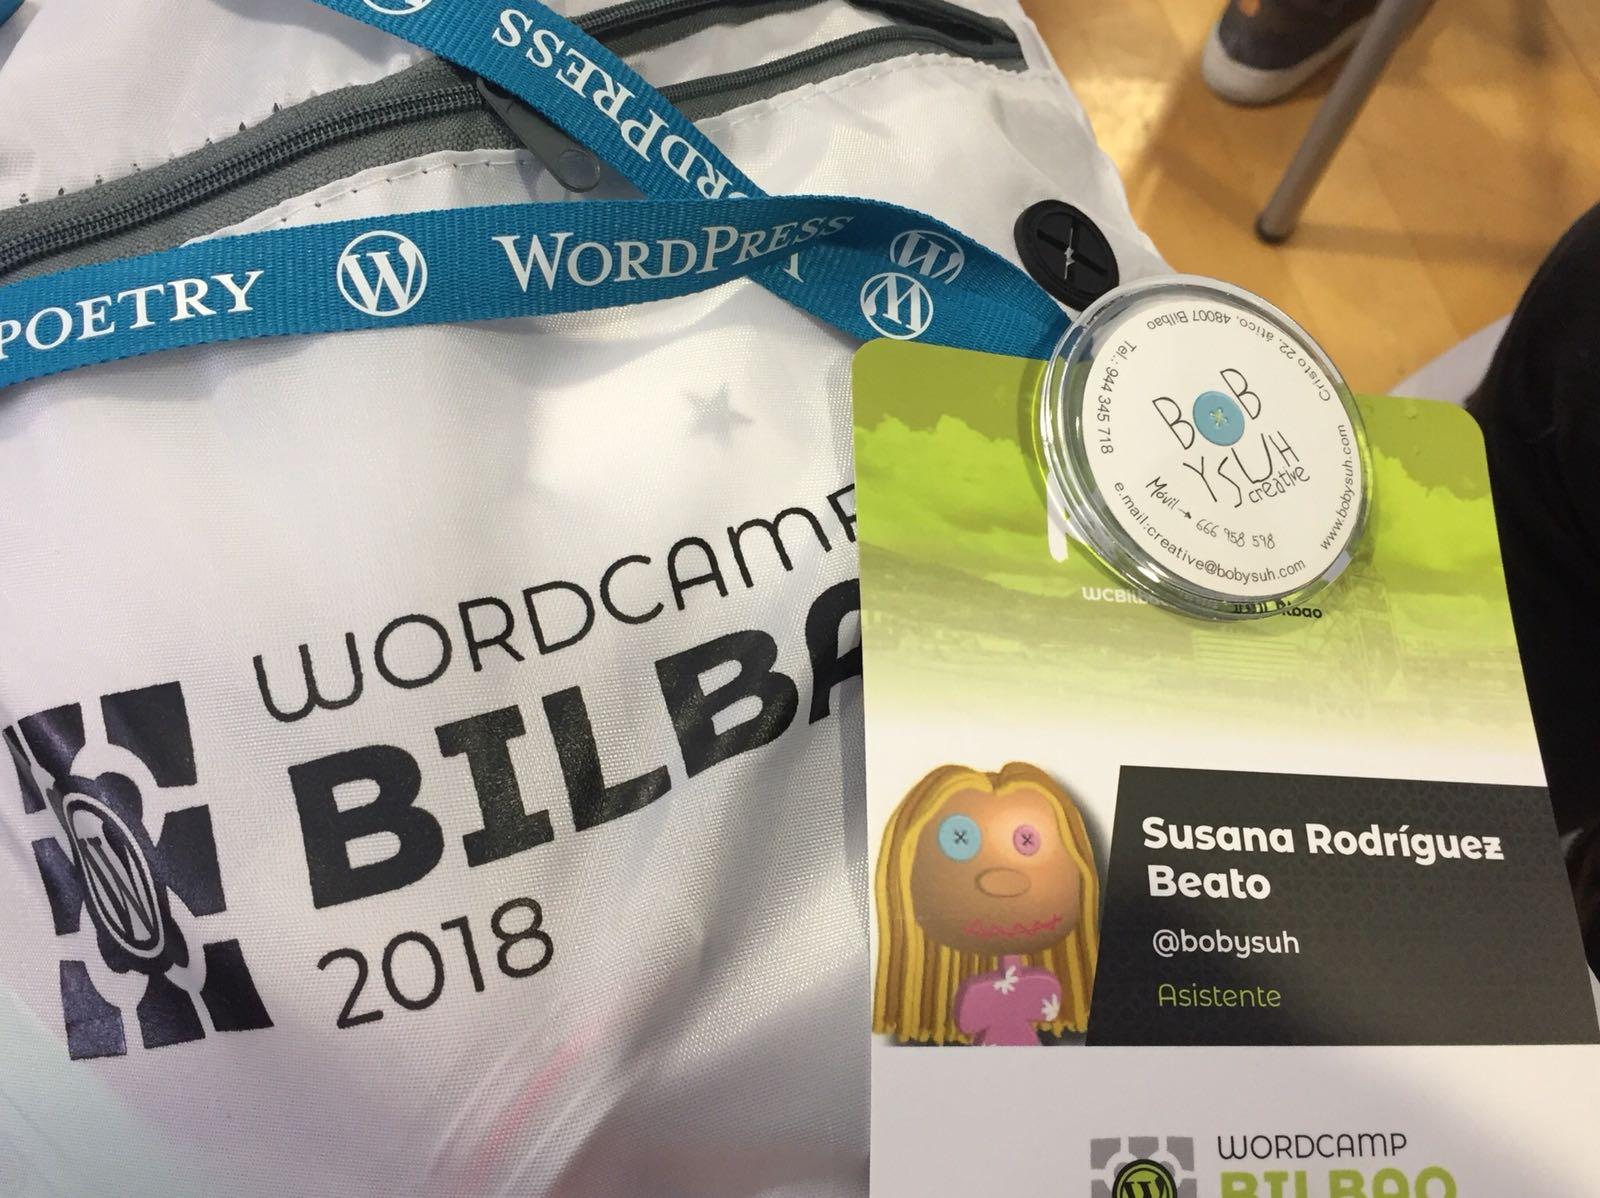 Bobysuh en la WordCamp Bilbao 2018